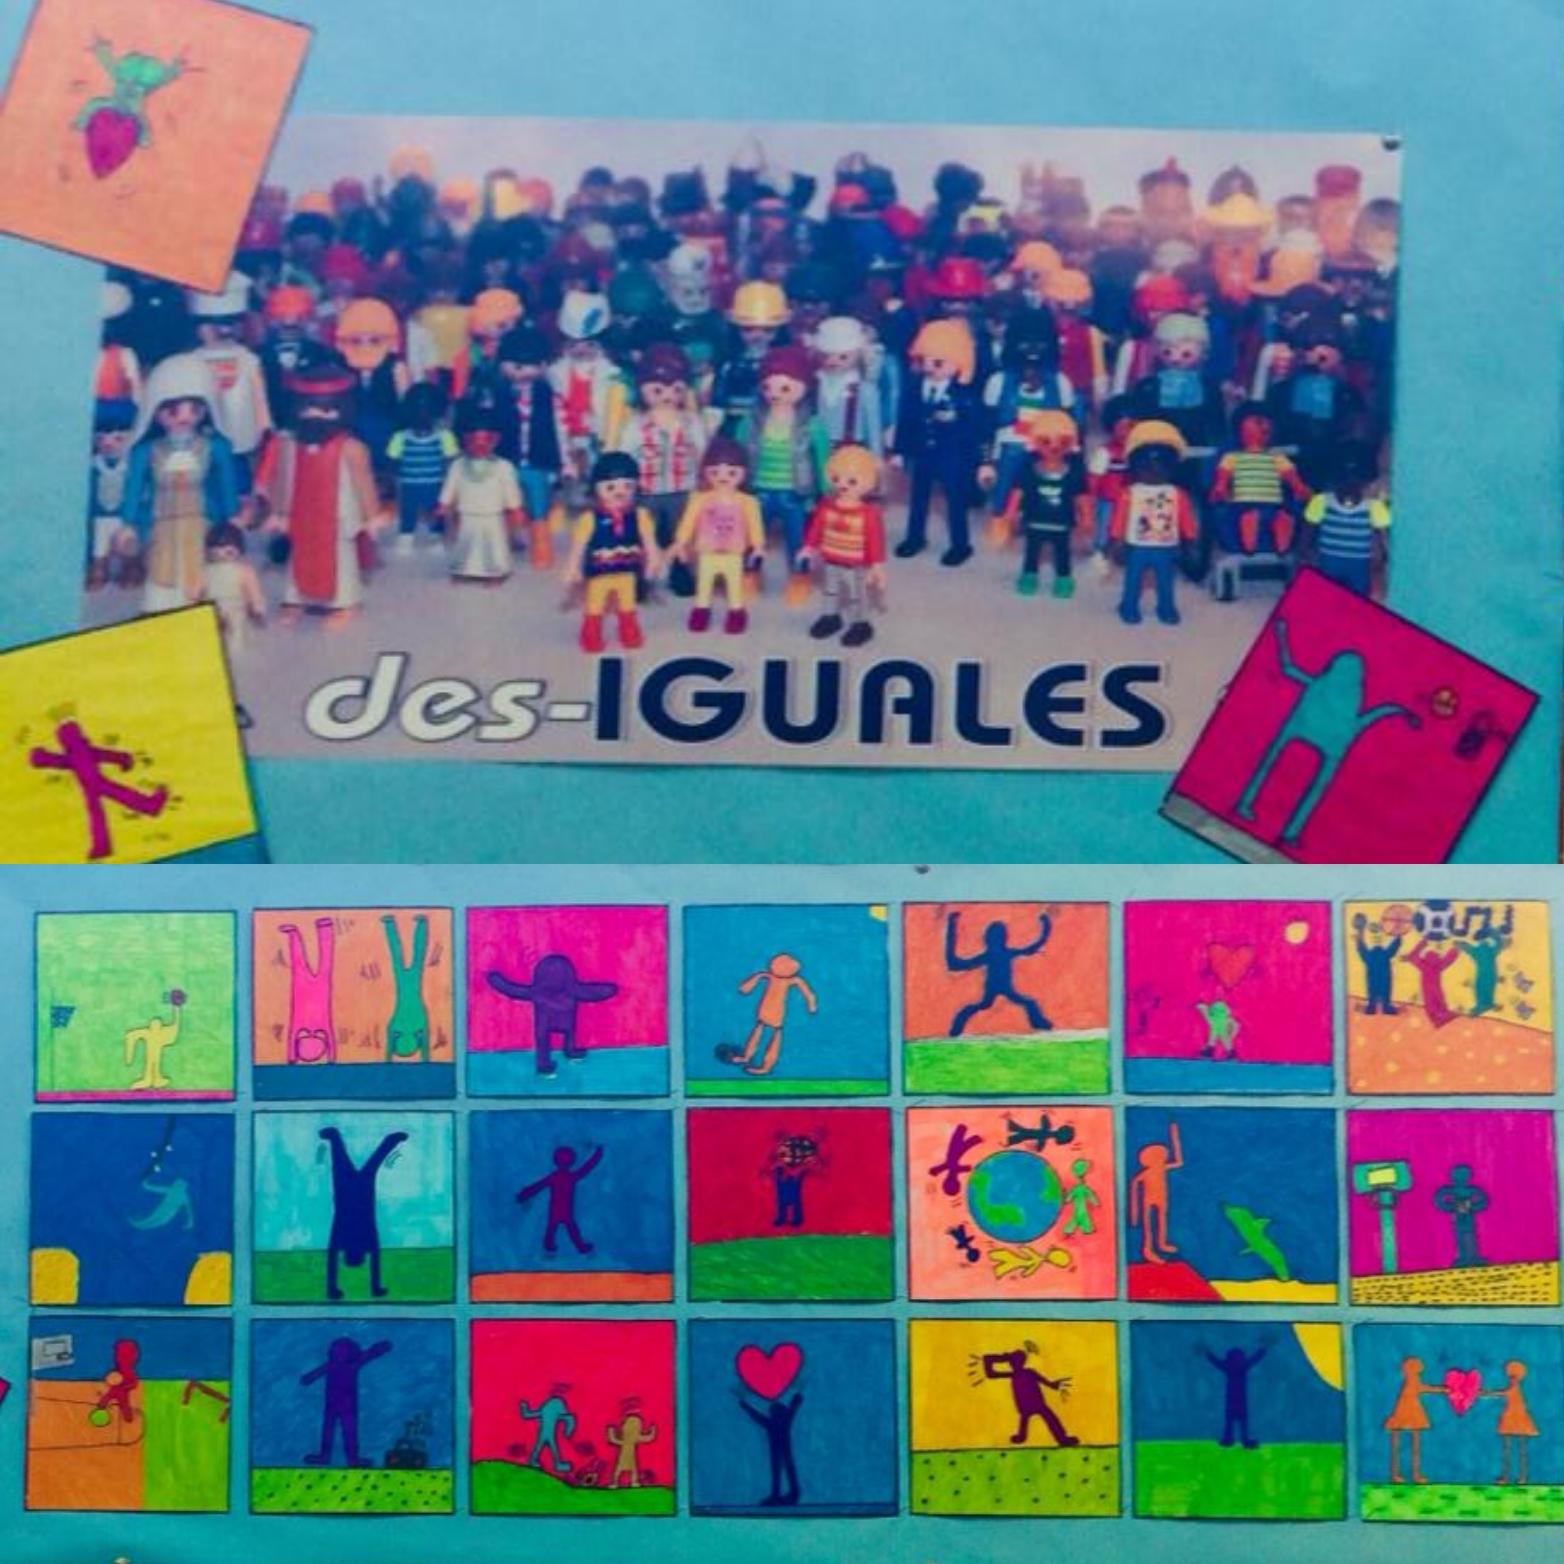 ¡DES-IGUALES!